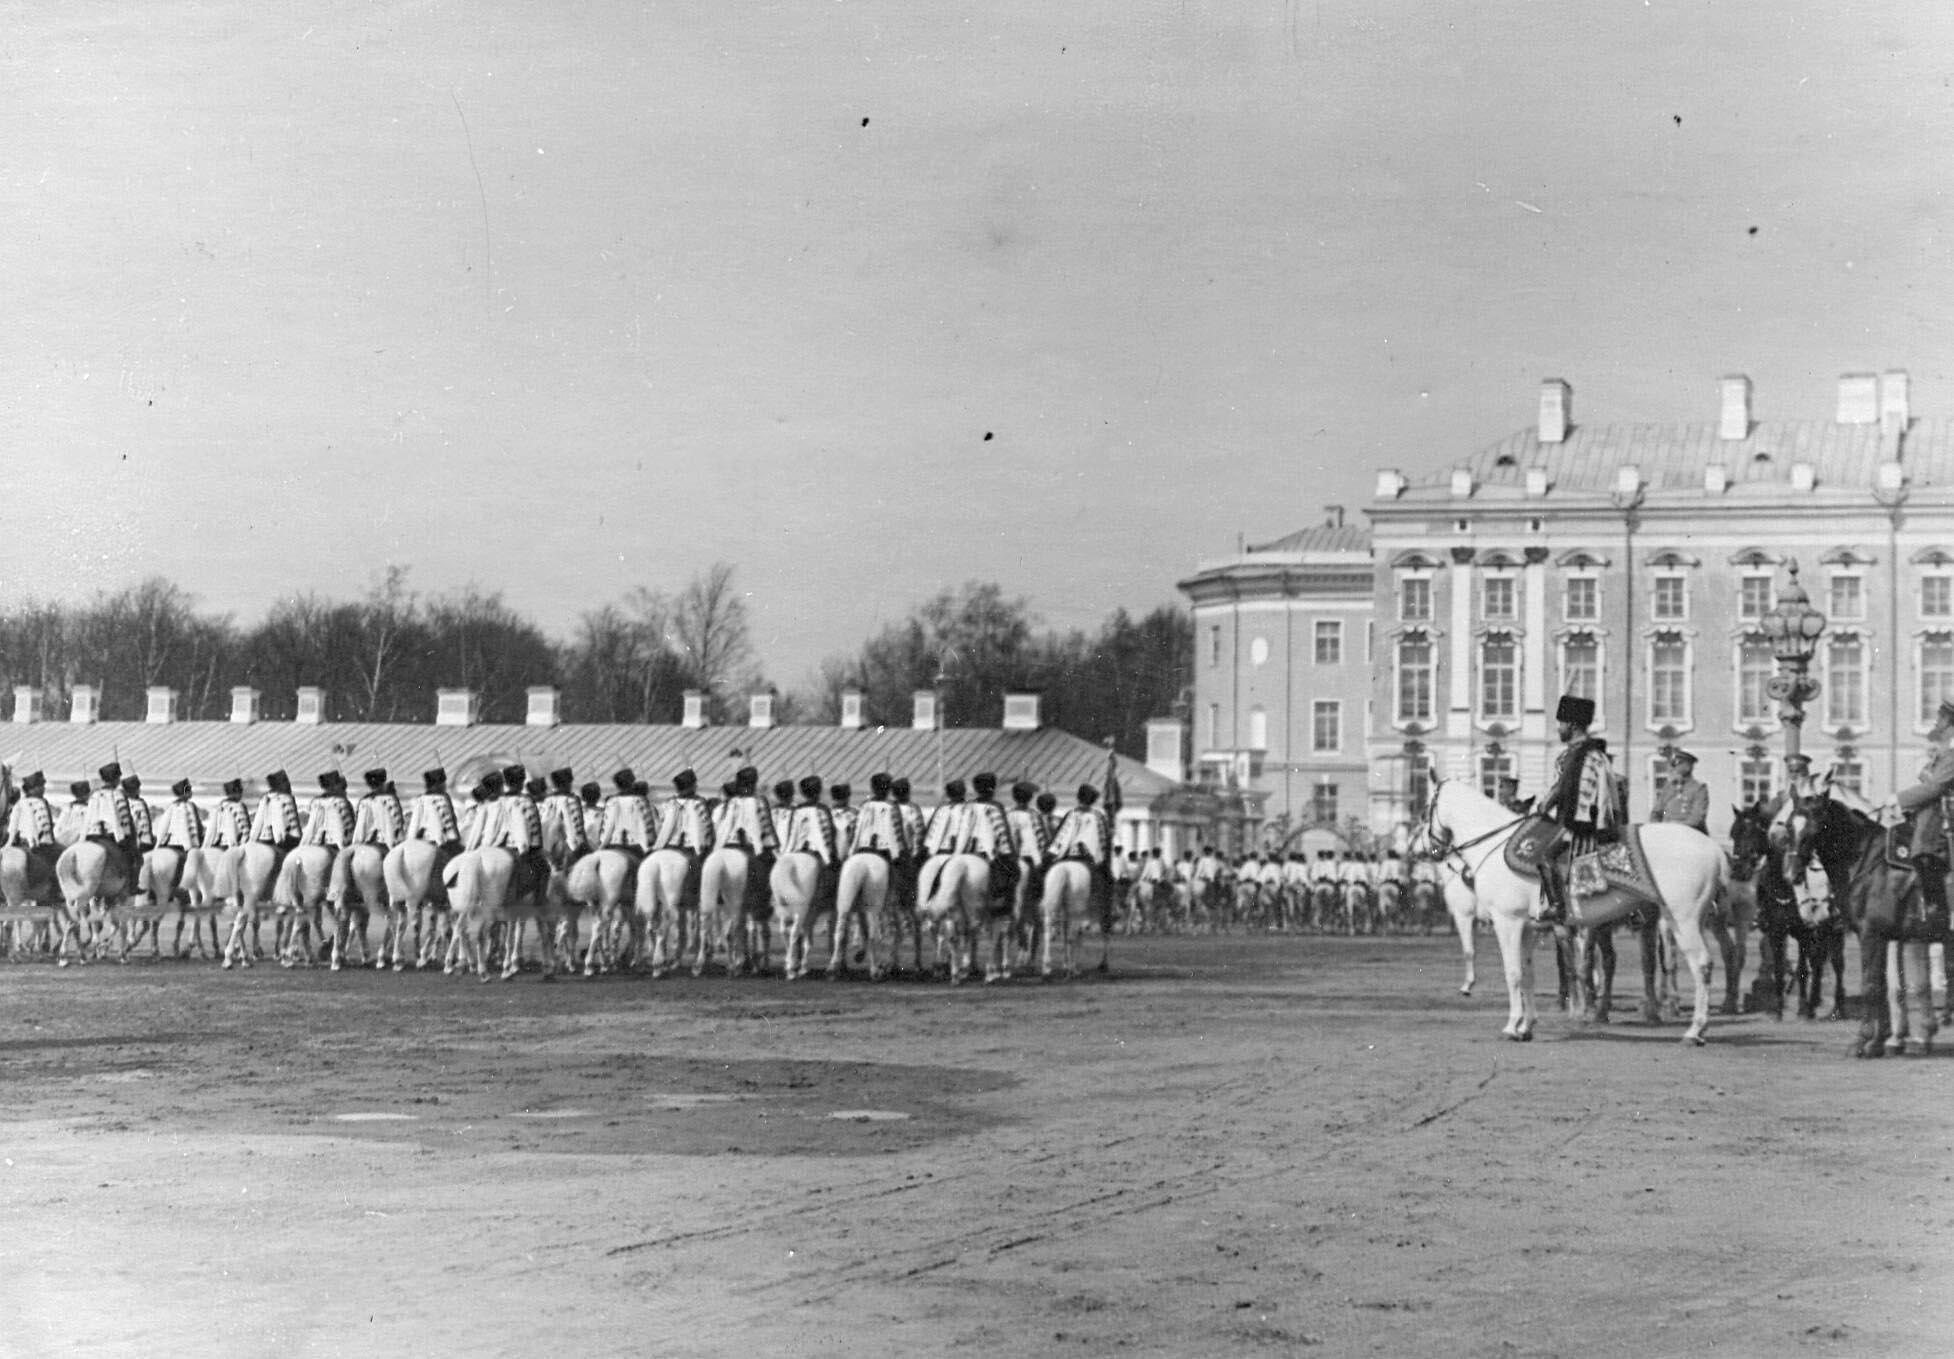 1910. Полк лейб-гусар проходит церемониальным маршем на параде мимо императора Николая II. 15 мая